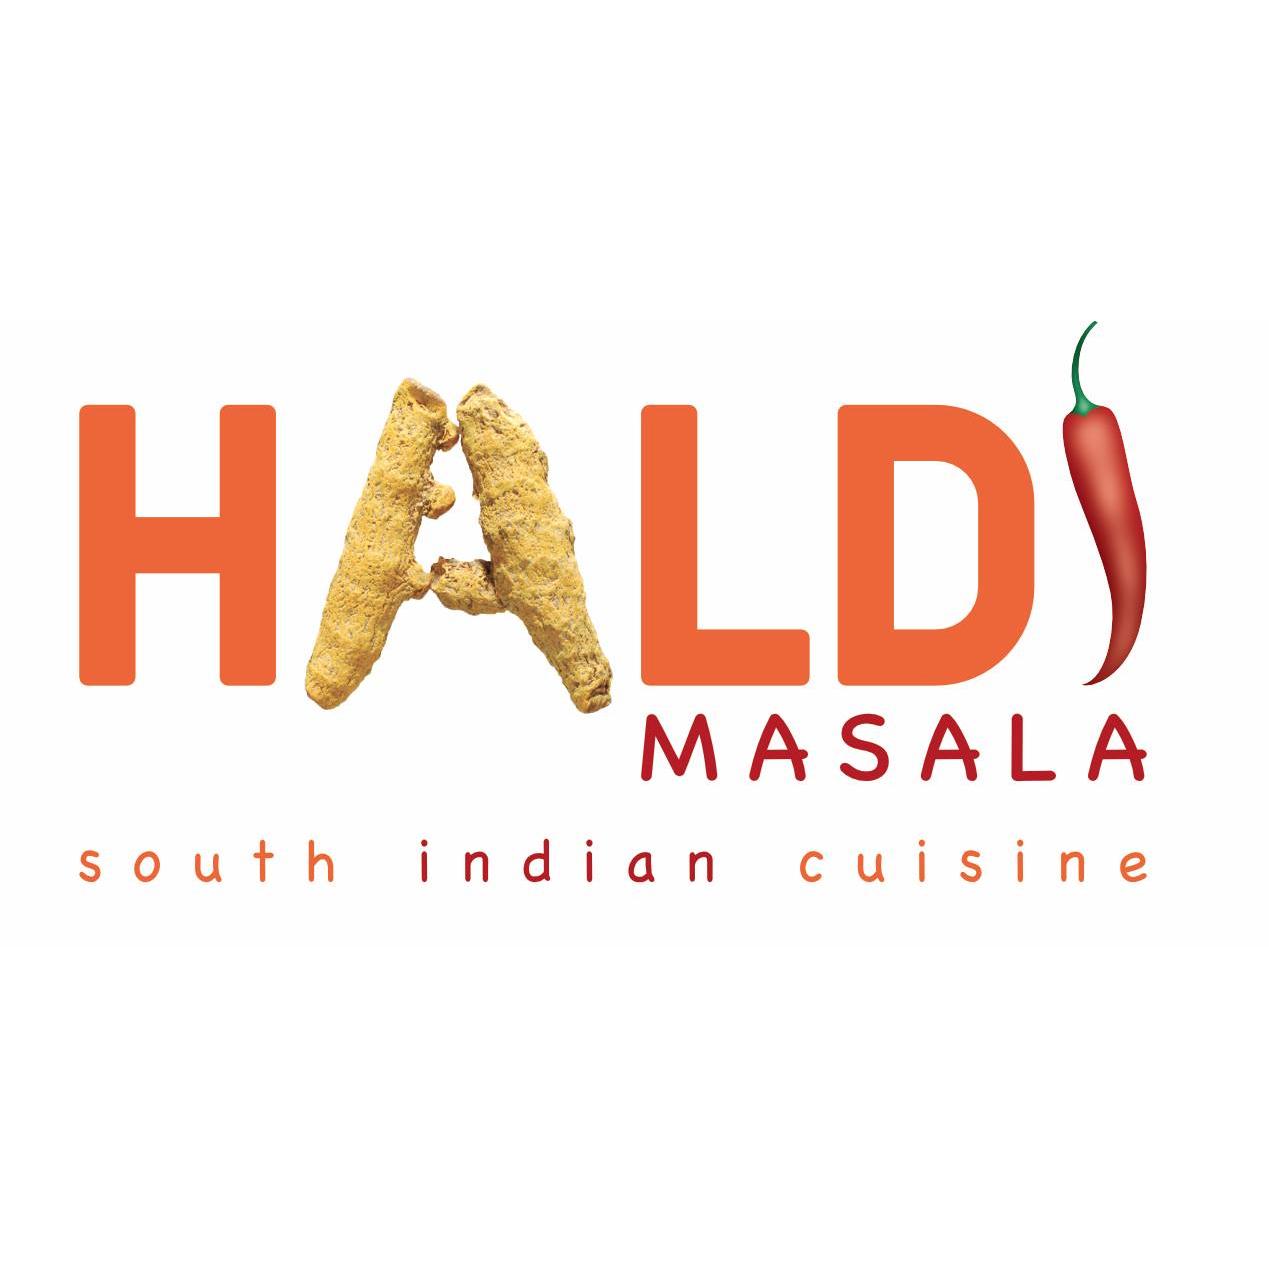 HALDI MASALA